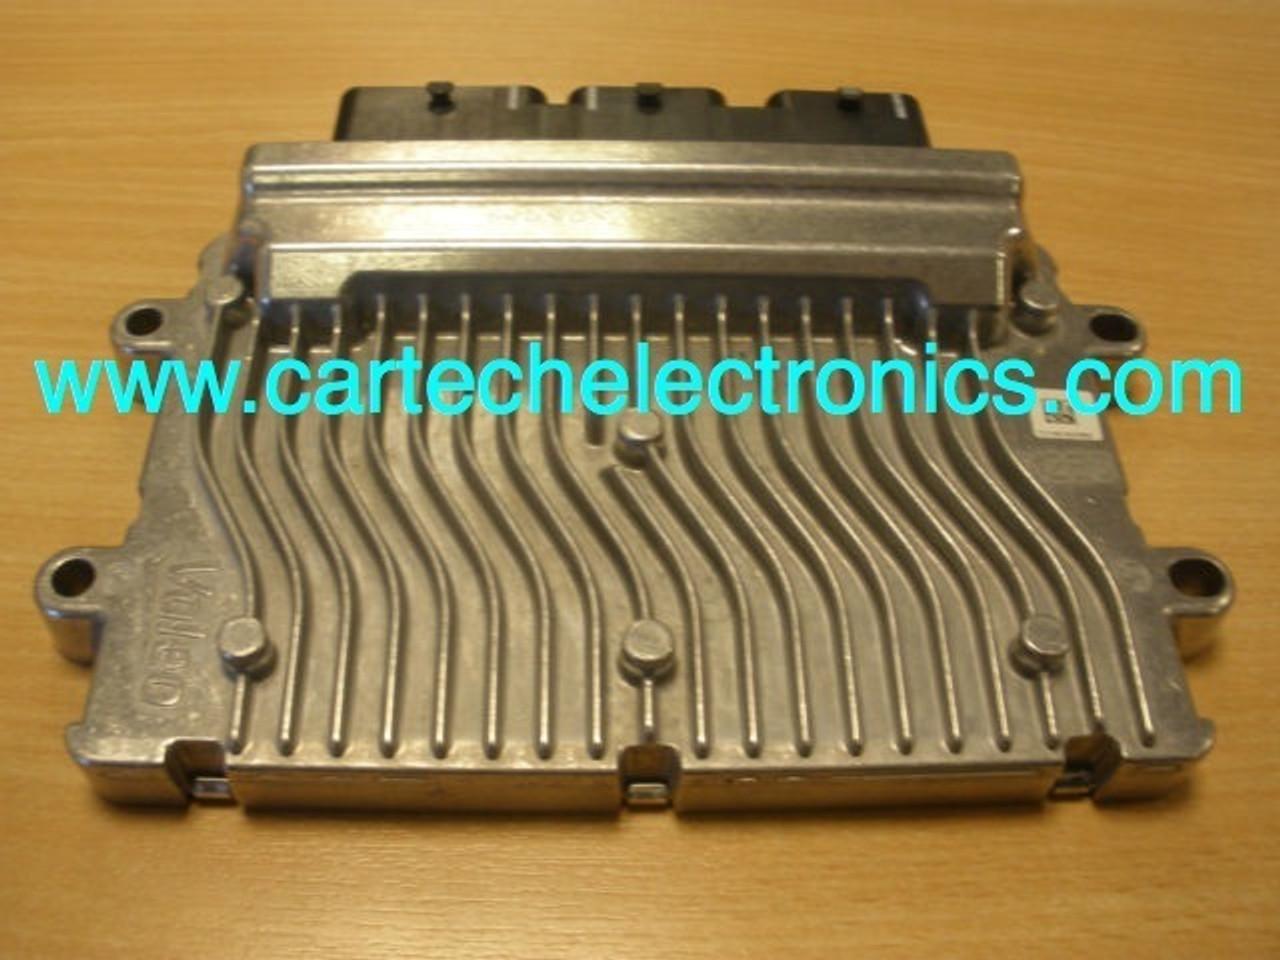 Peugeot/Citroen, J34P, 21585900-1 A0, SW9661700480, HW9651696680